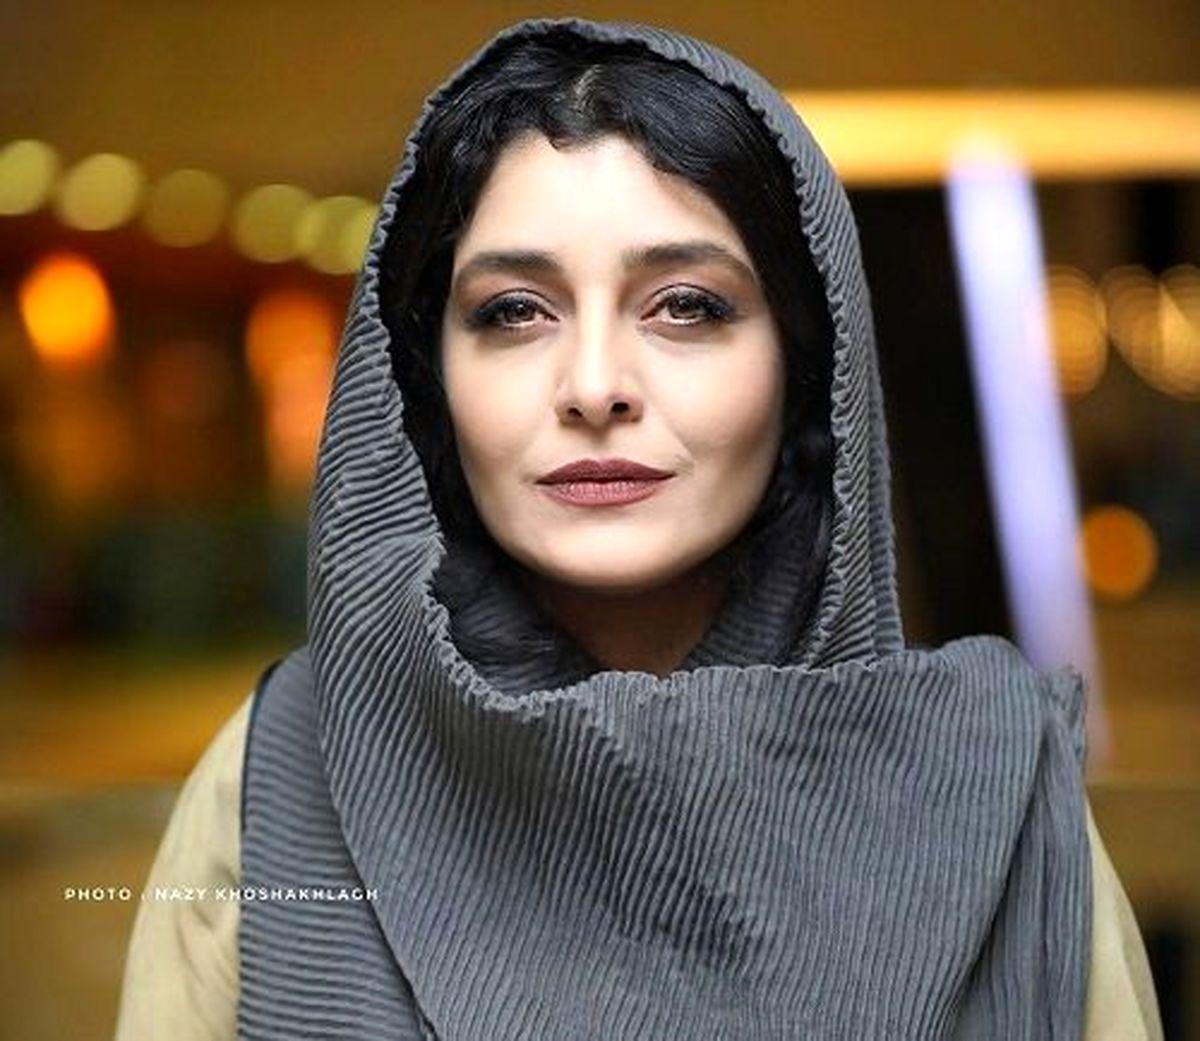 عروسی لاکچری ساره بیات + تصاویر دونفره